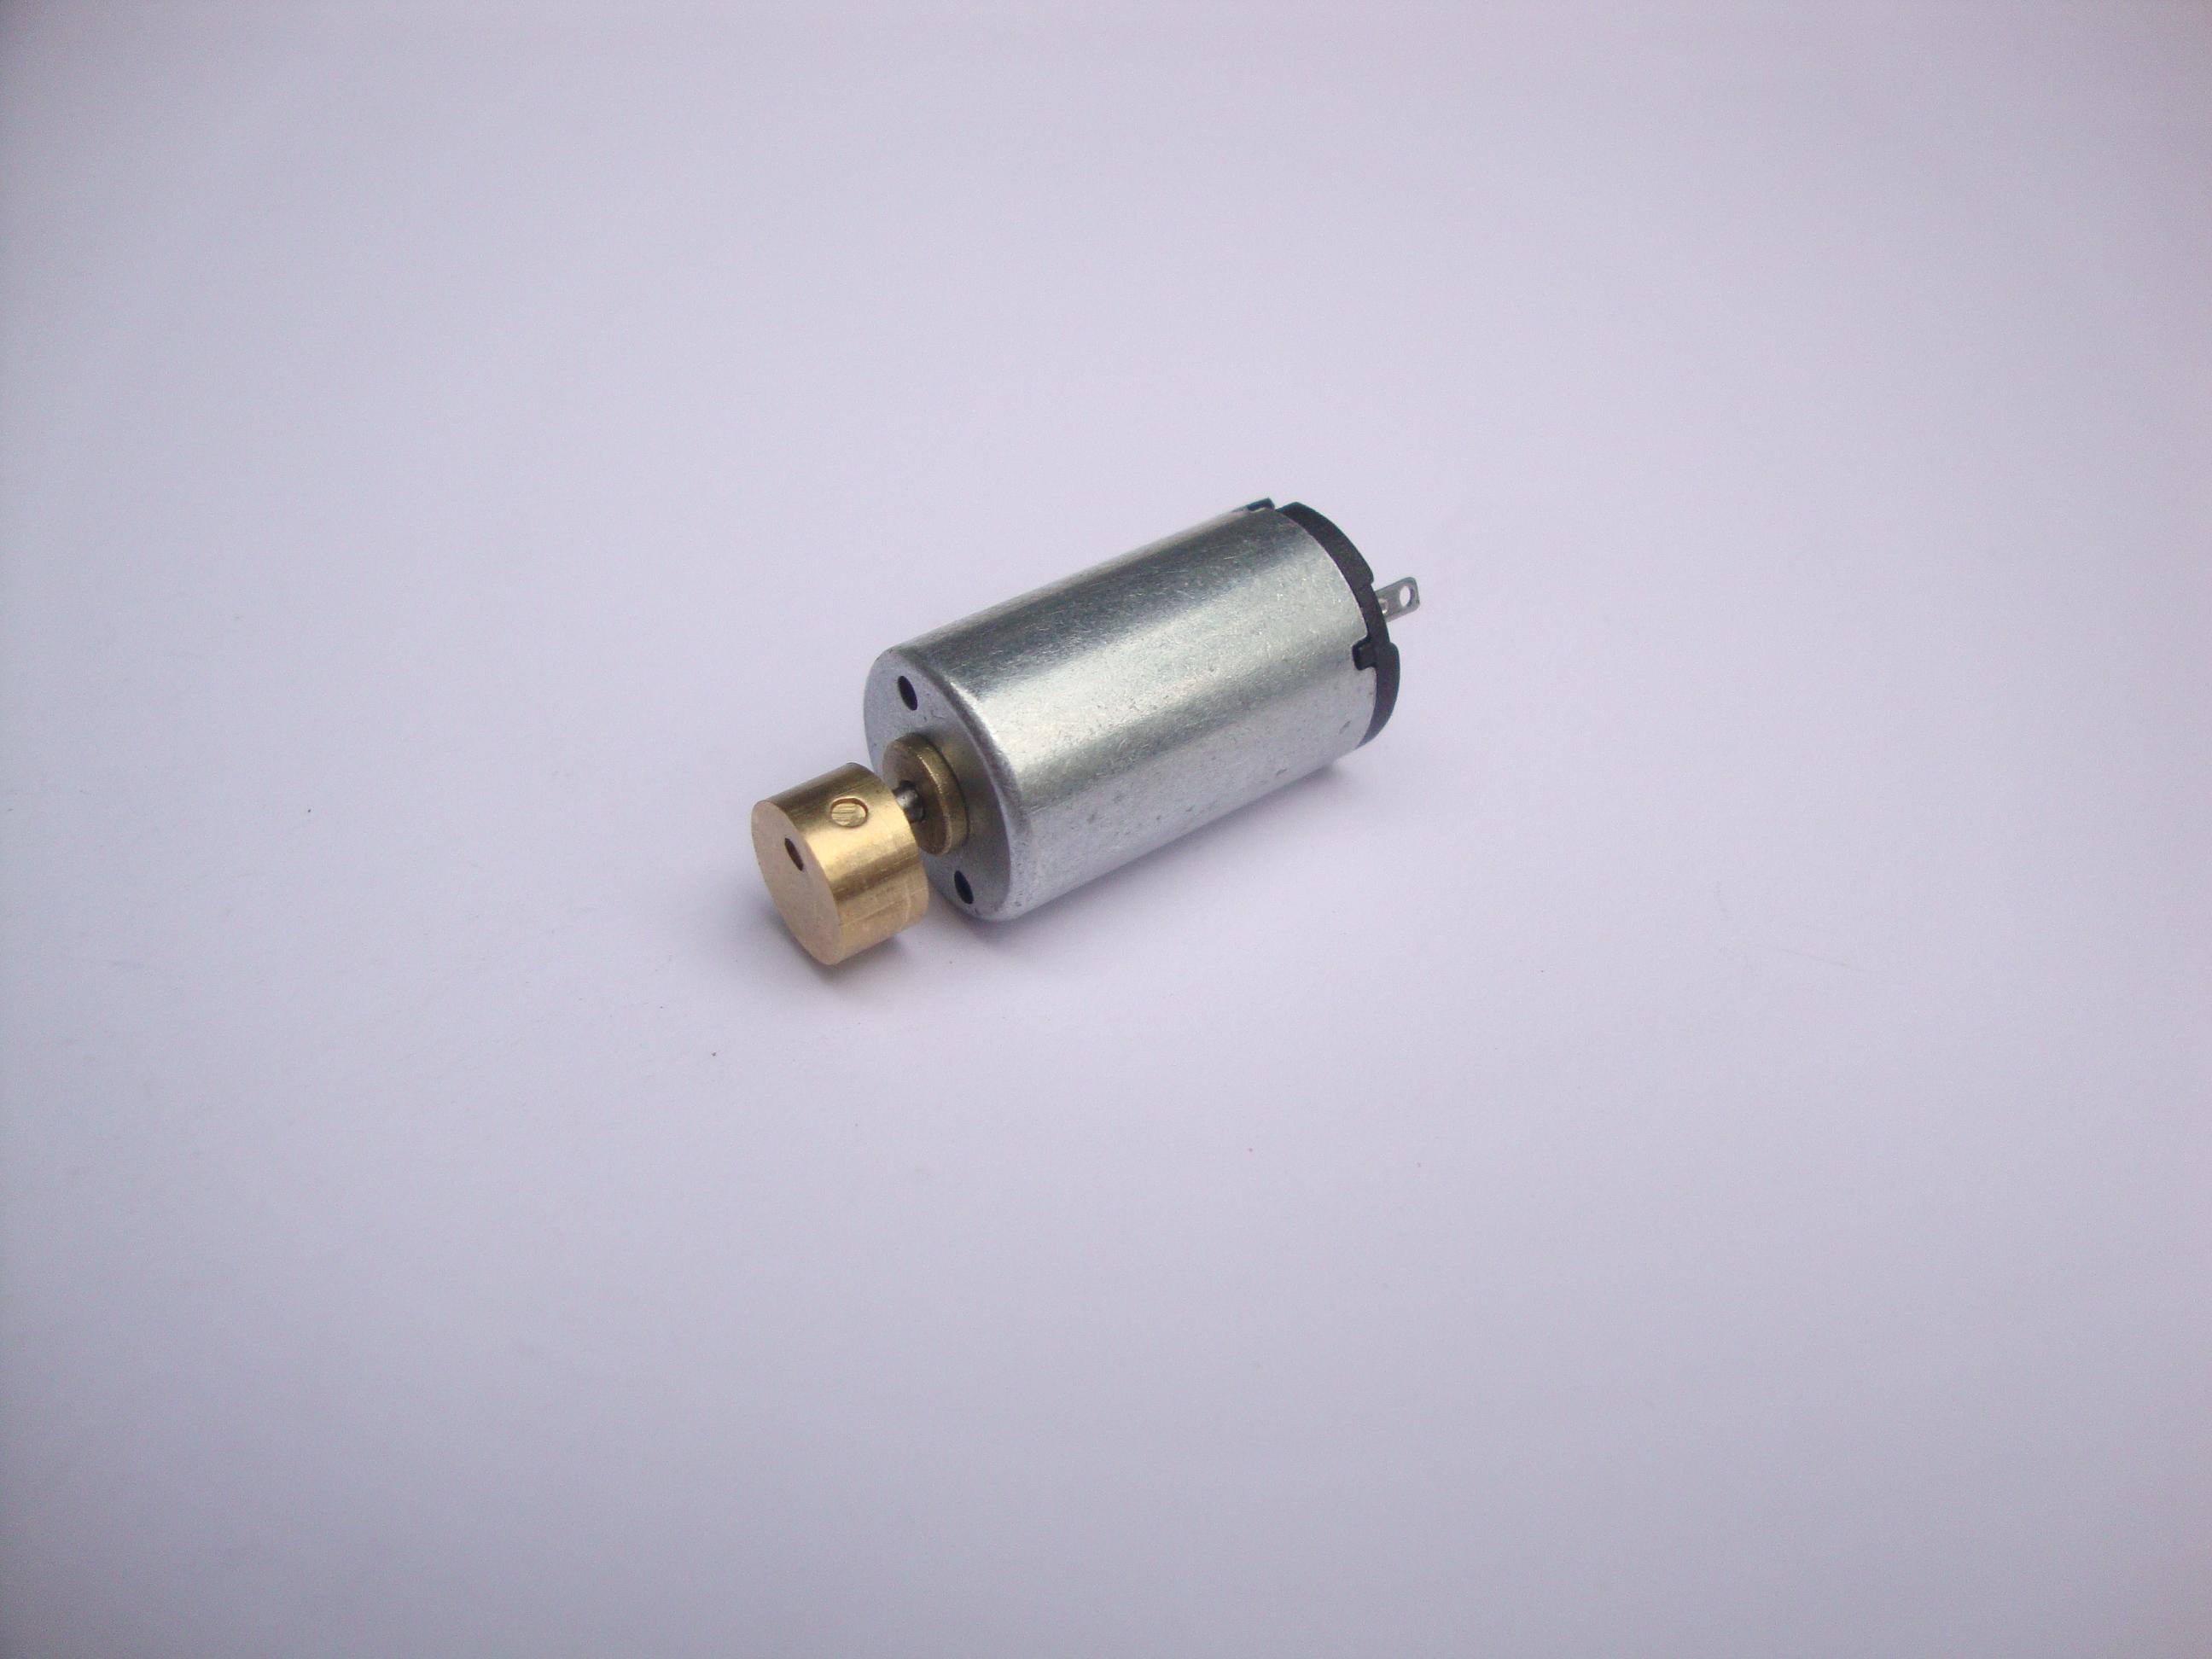 厂家供应1220直流电机,USB风扇马达,小风扇电机马达